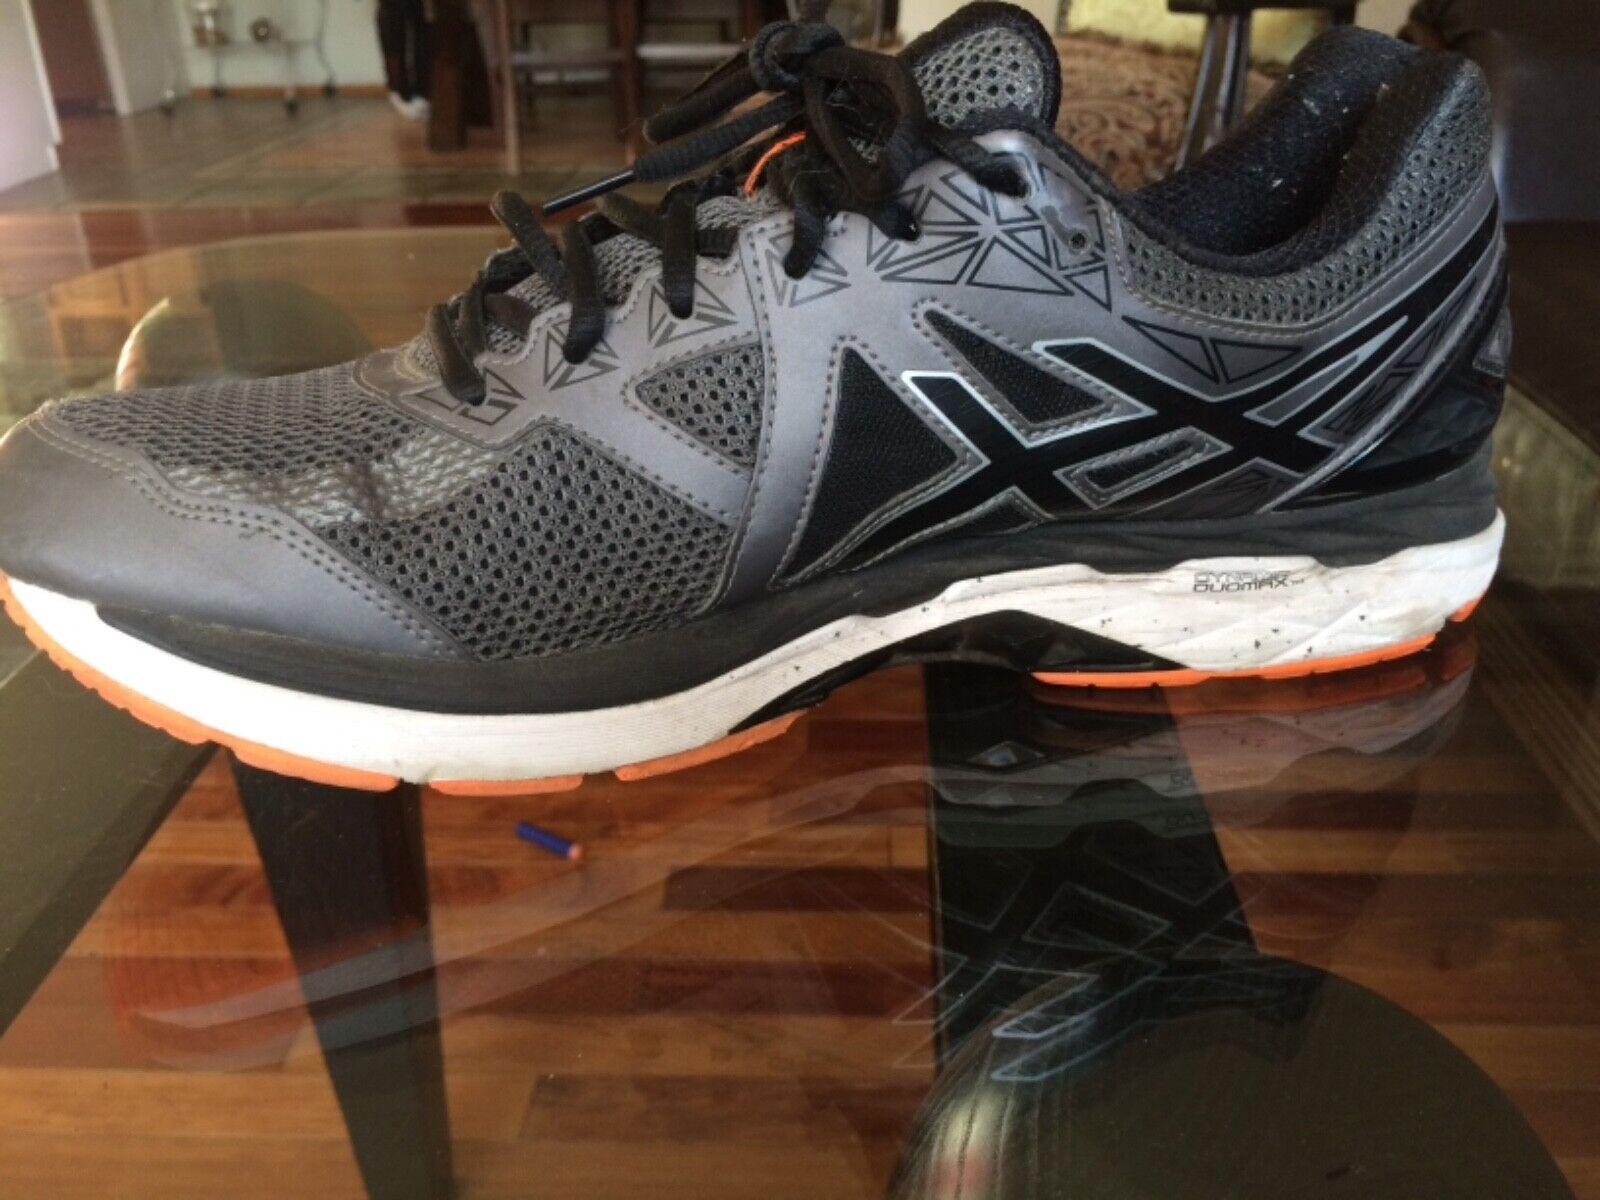 Asics GT 2000 v4 Size 12 M (D) Men's Running Shoes Sneakers Gray Orange T606N